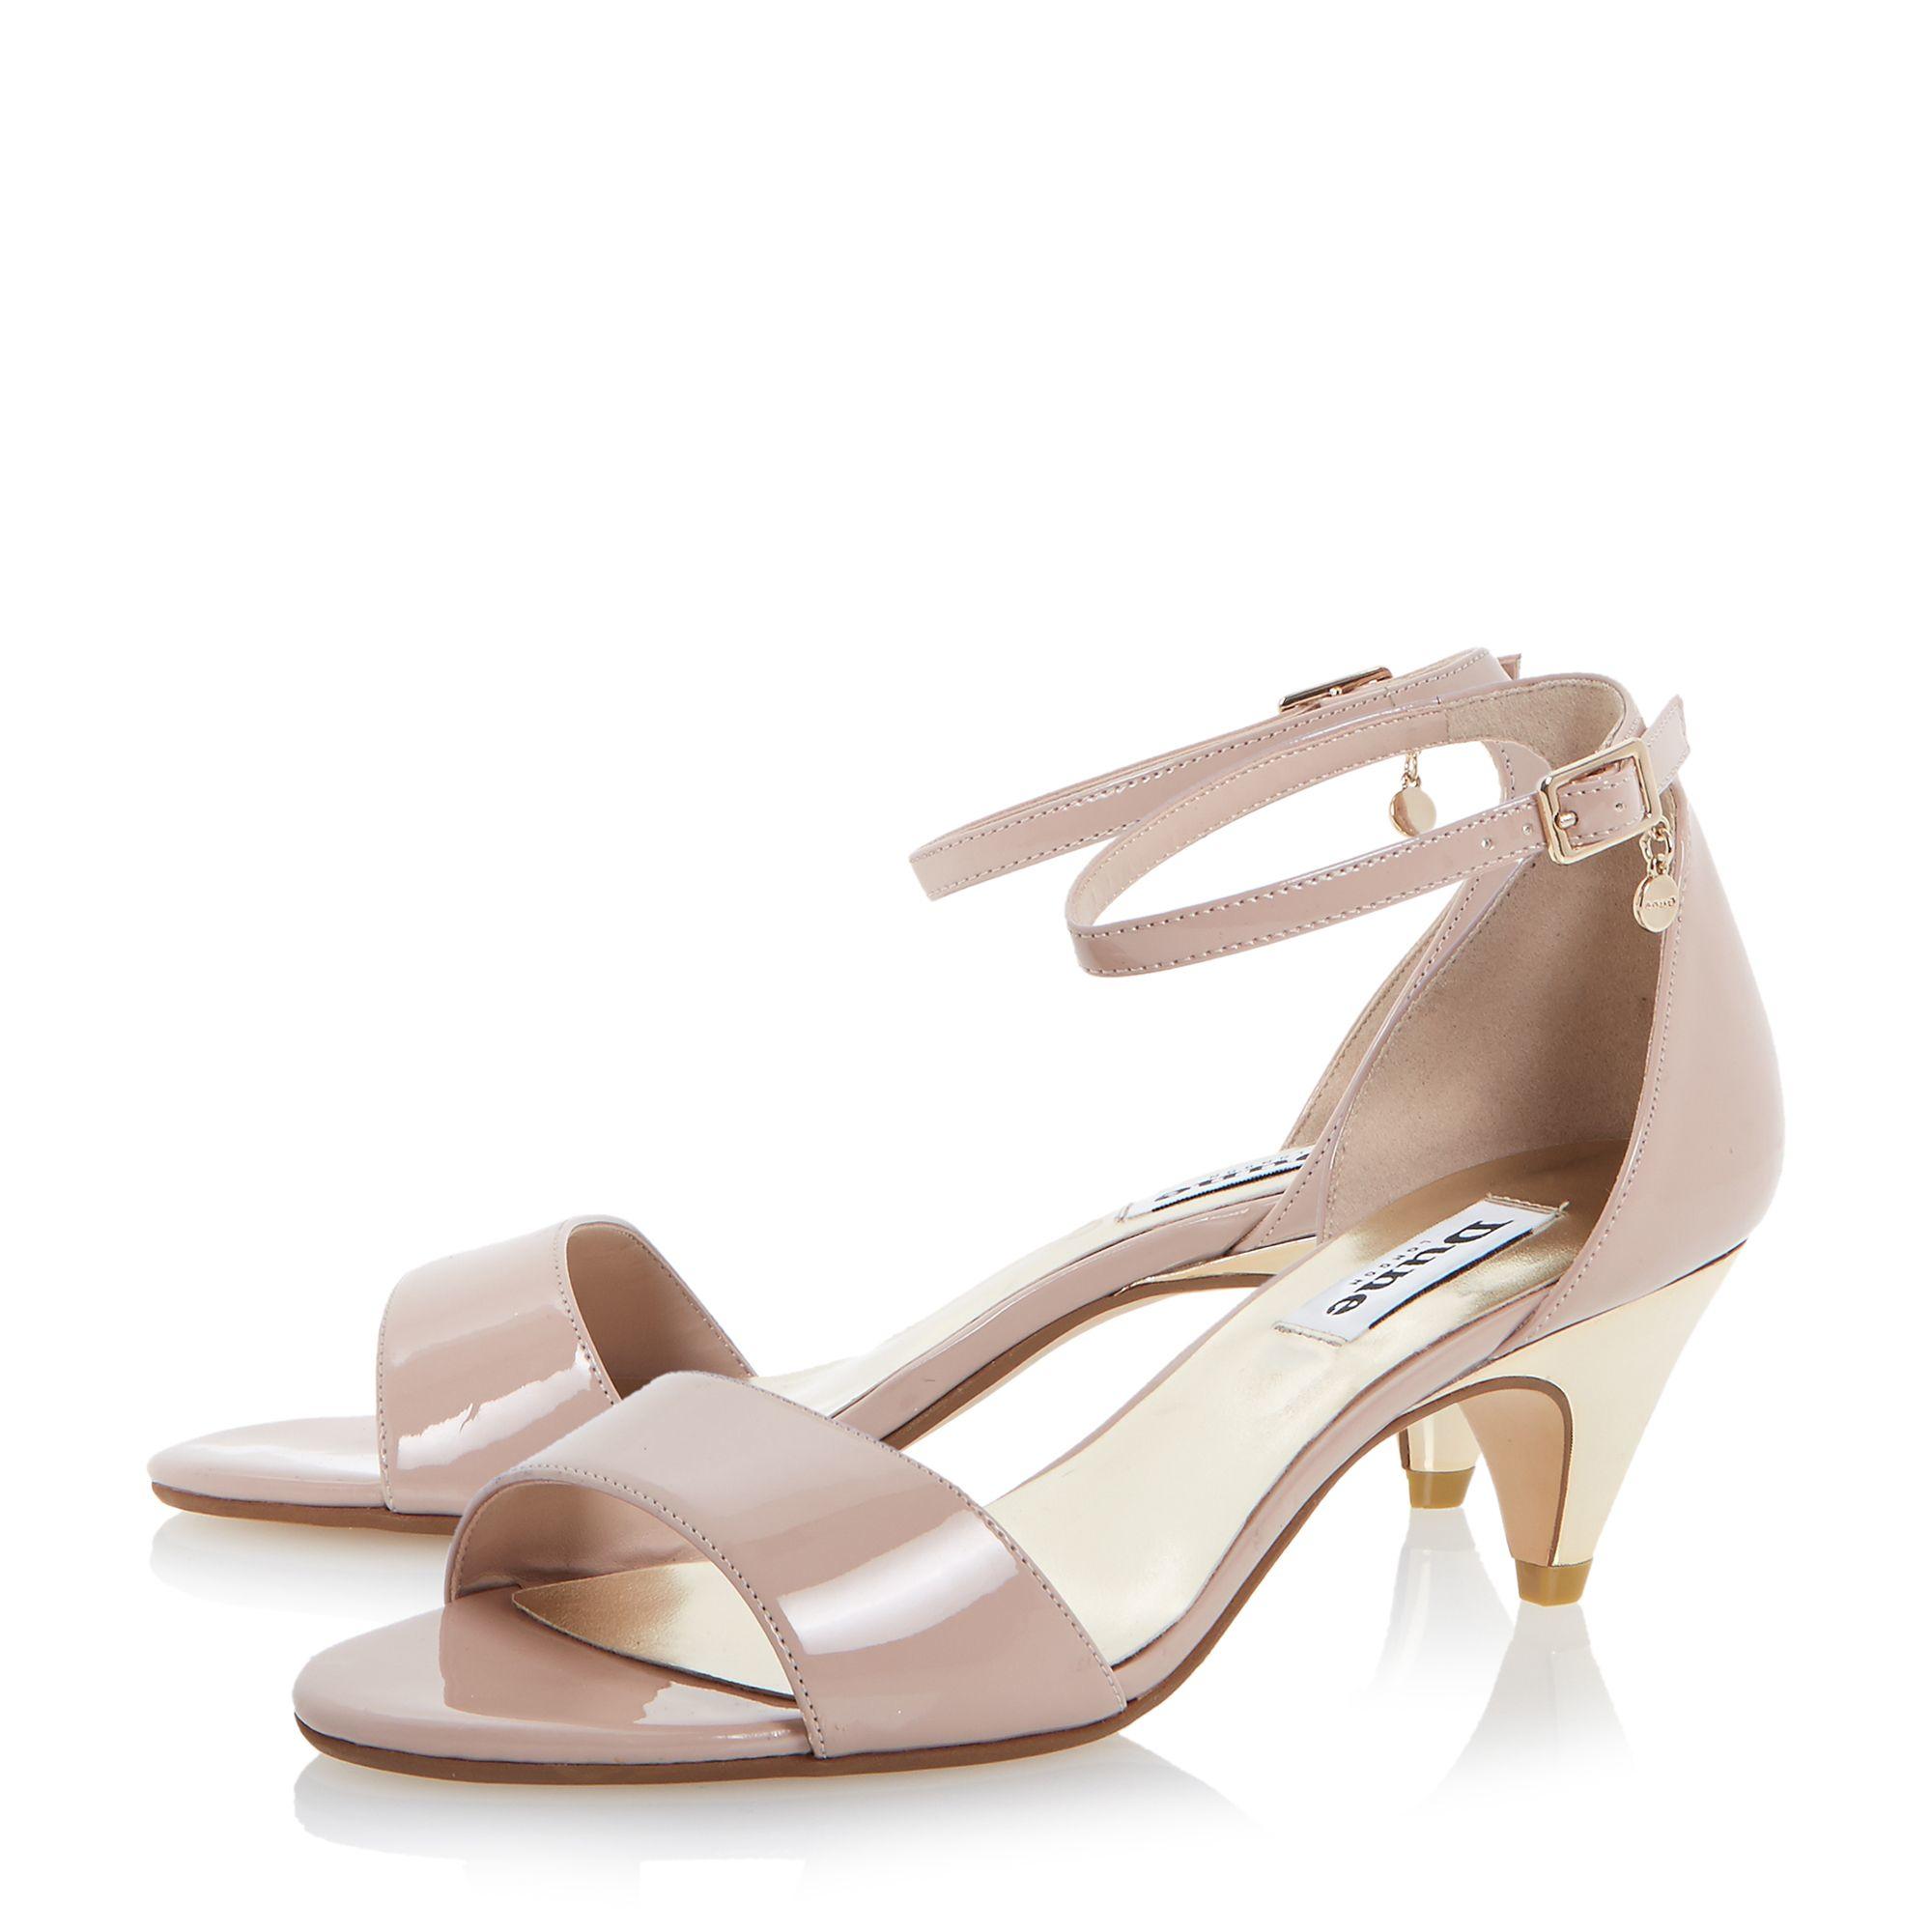 Dune Marina Two Part Kitten Heel Sandals in Pink | Lyst